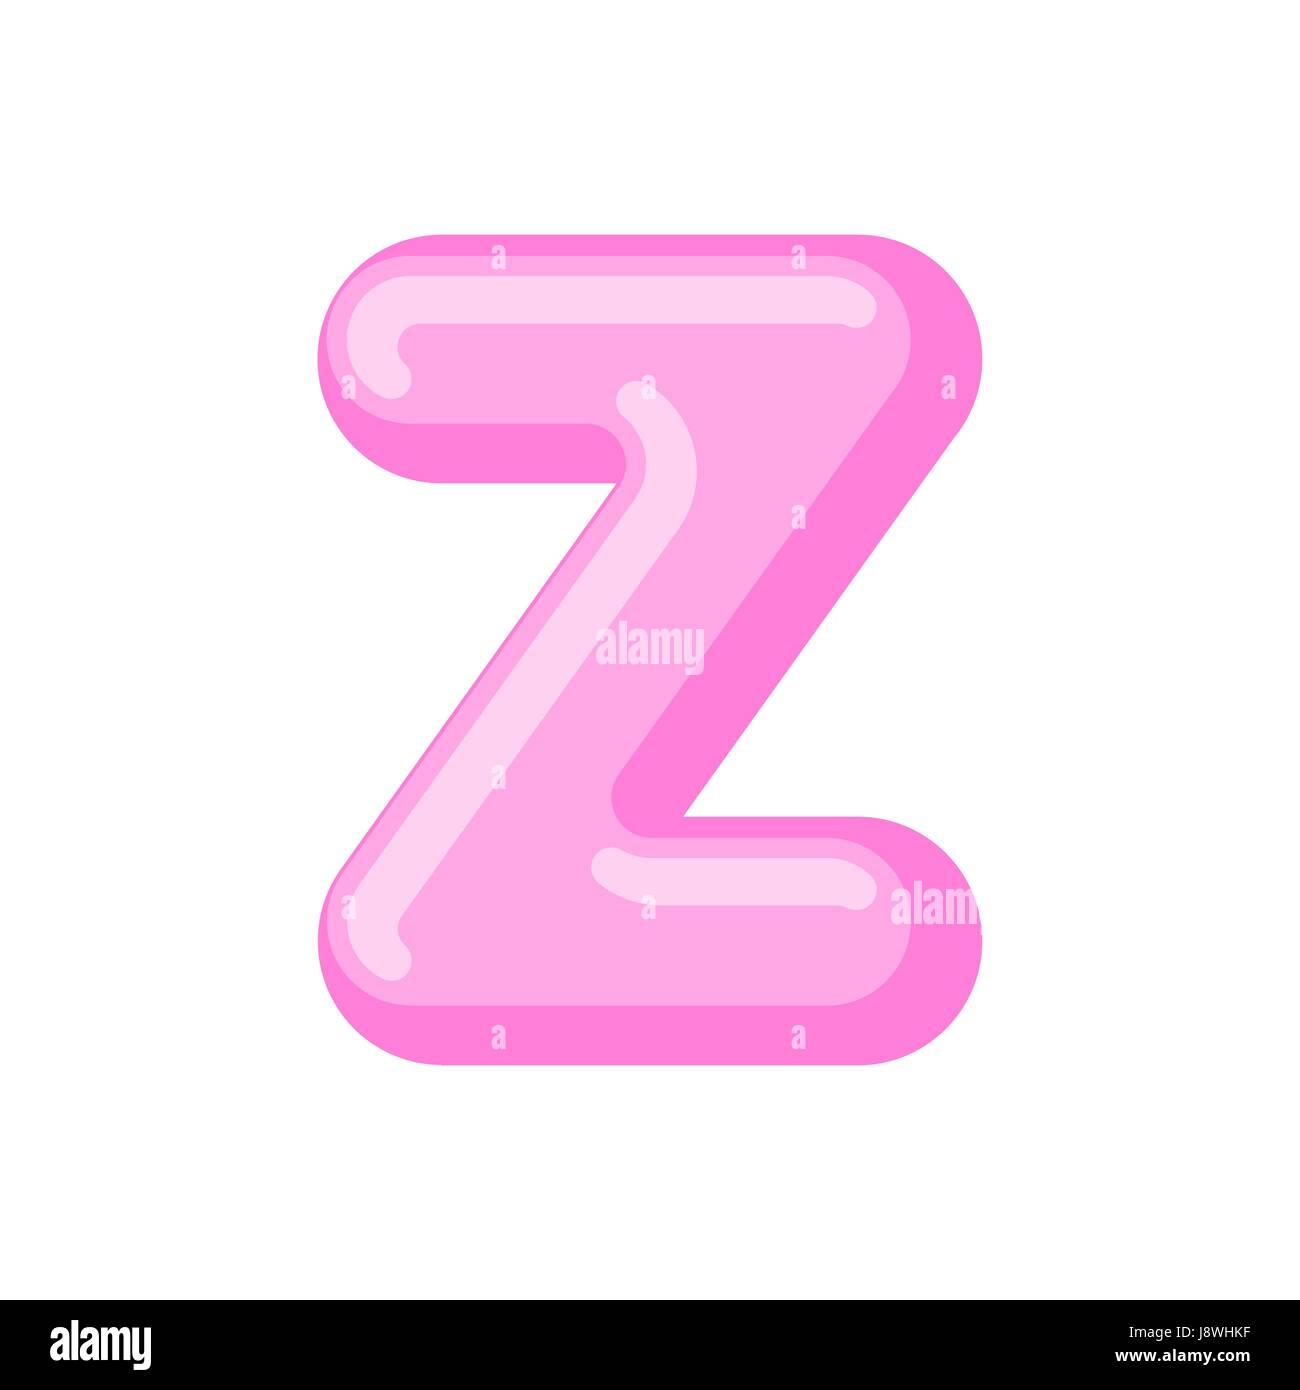 Z Shape Stock Photos & Z Shape Stock Images - Page 3 - Alamy